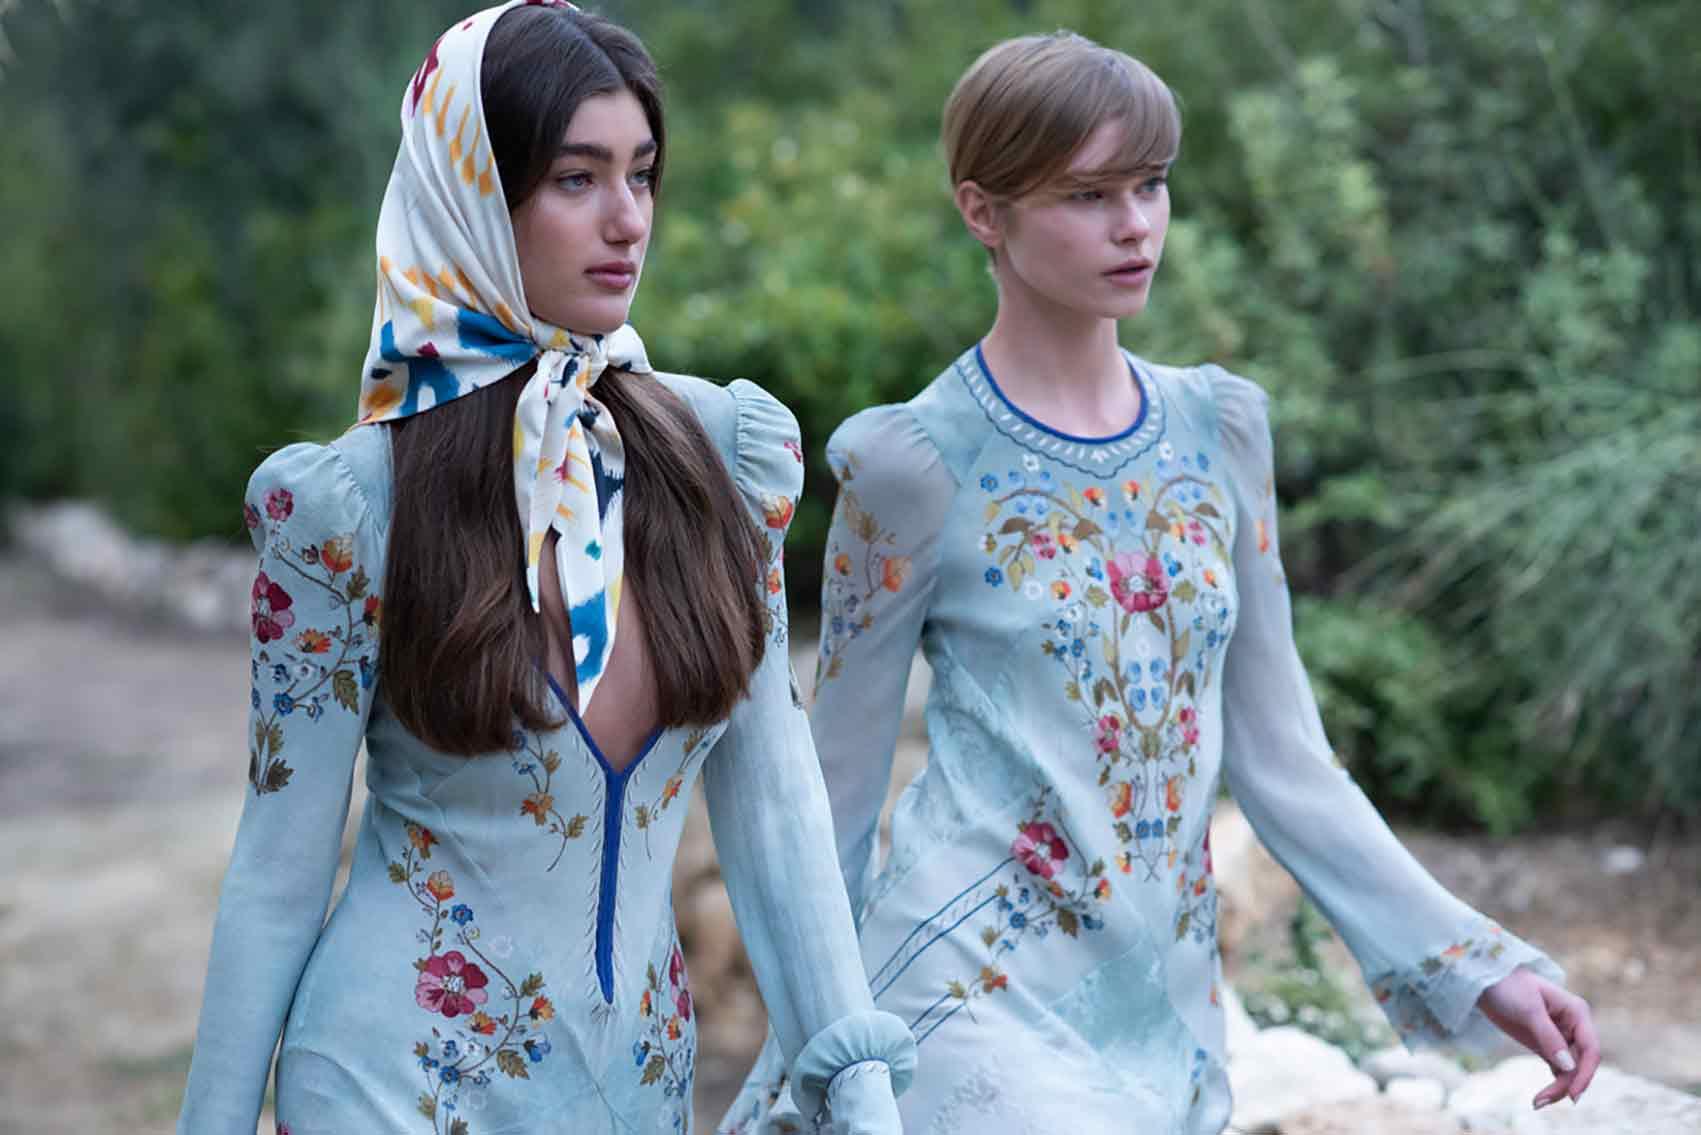 אופנה-ויוי בלאיש, קולקציית Sign Of The Times. צילום: עידו לביא